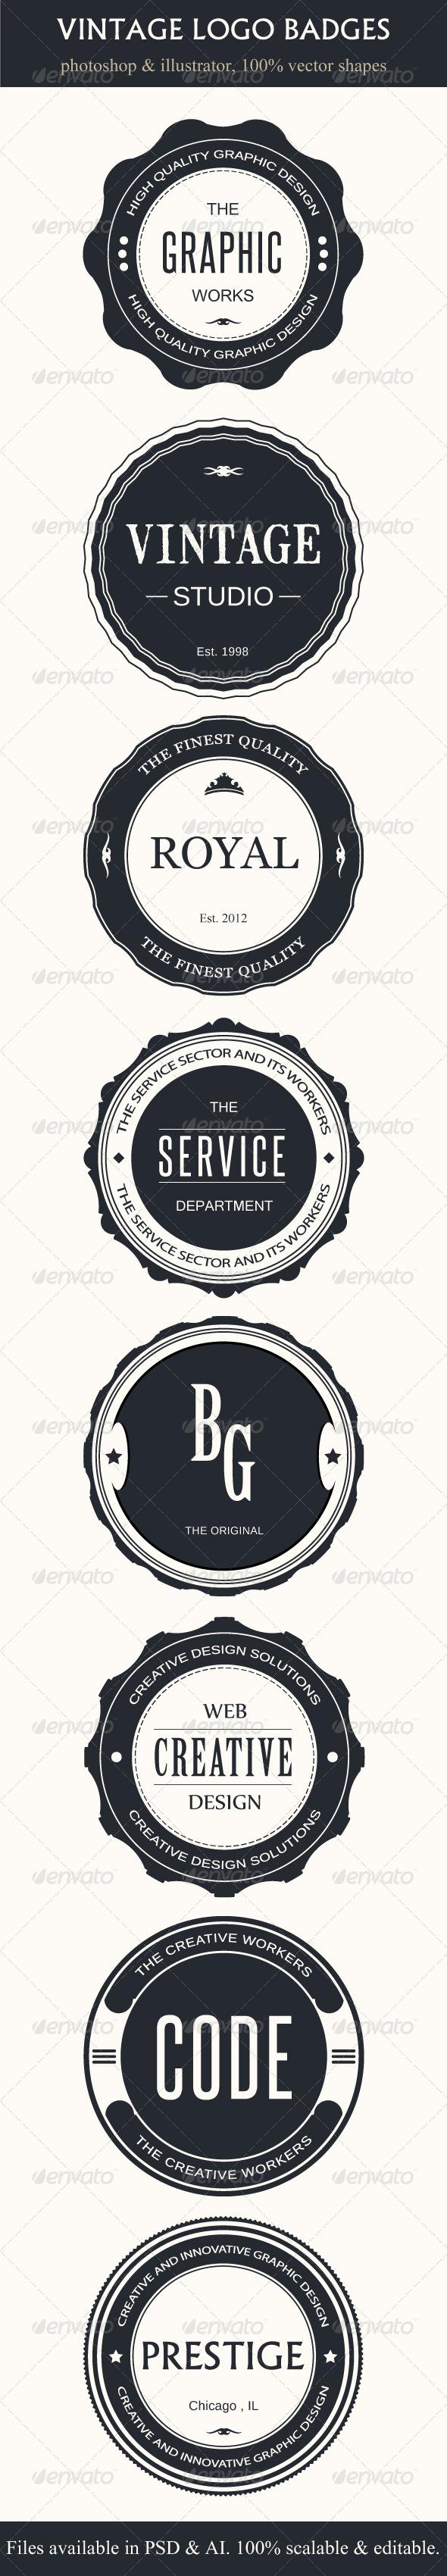 GraphicRiver Vintage Logo Badges 4353203